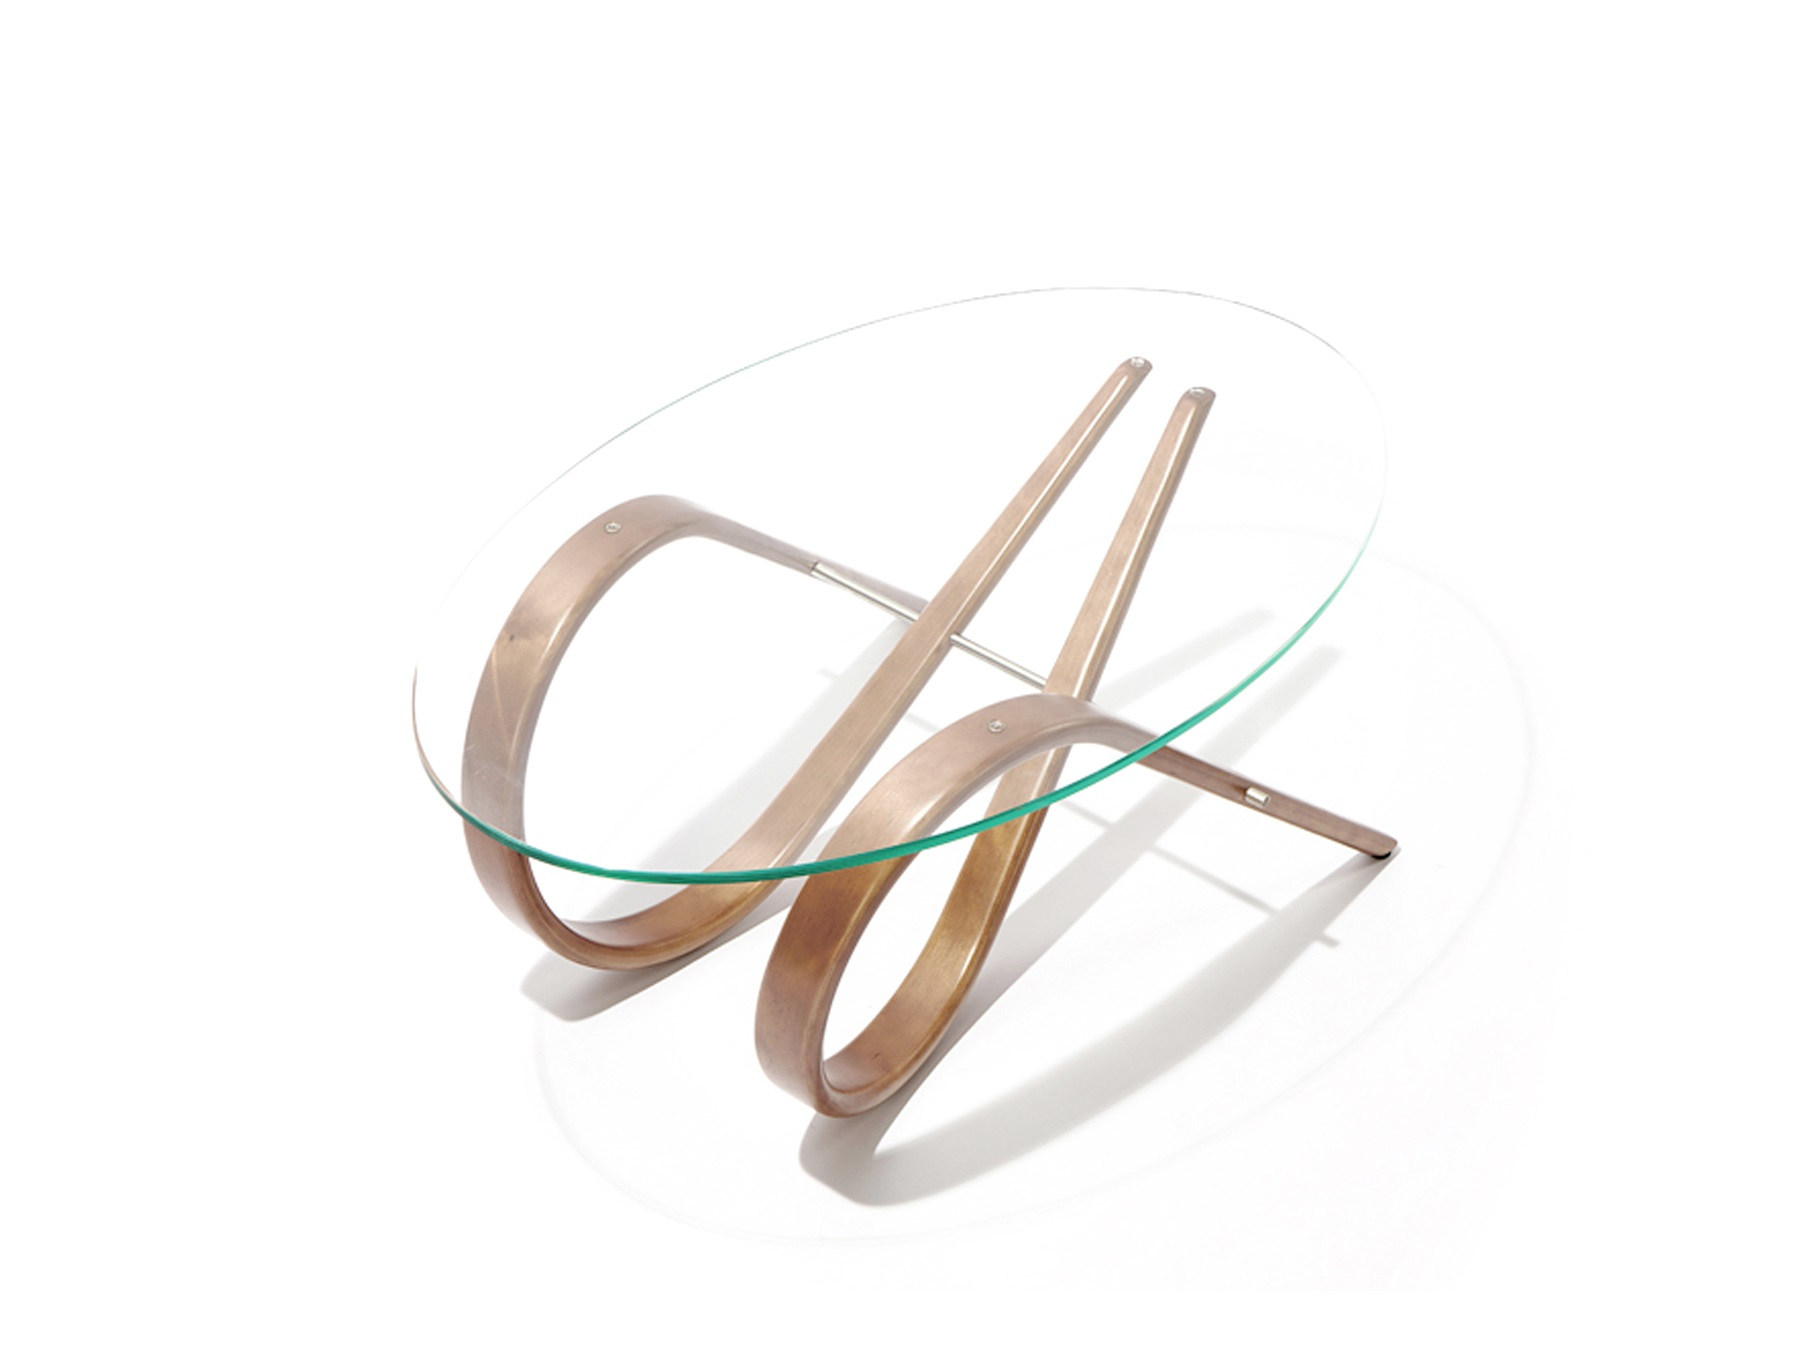 Стол обеденный Apriori HЖурнальные столики<br>&amp;lt;div&amp;gt;Дизайнерский стеклянный журнальный стол.&amp;amp;nbsp;&amp;lt;/div&amp;gt;&amp;lt;div&amp;gt;&amp;lt;br&amp;gt;&amp;lt;/div&amp;gt;&amp;lt;div&amp;gt;Материал: натуральное дерево береза (10 вариантов тонировок).&amp;lt;/div&amp;gt;<br><br>Material: Стекло<br>Length см: None<br>Width см: 100<br>Depth см: 60<br>Height см: 42